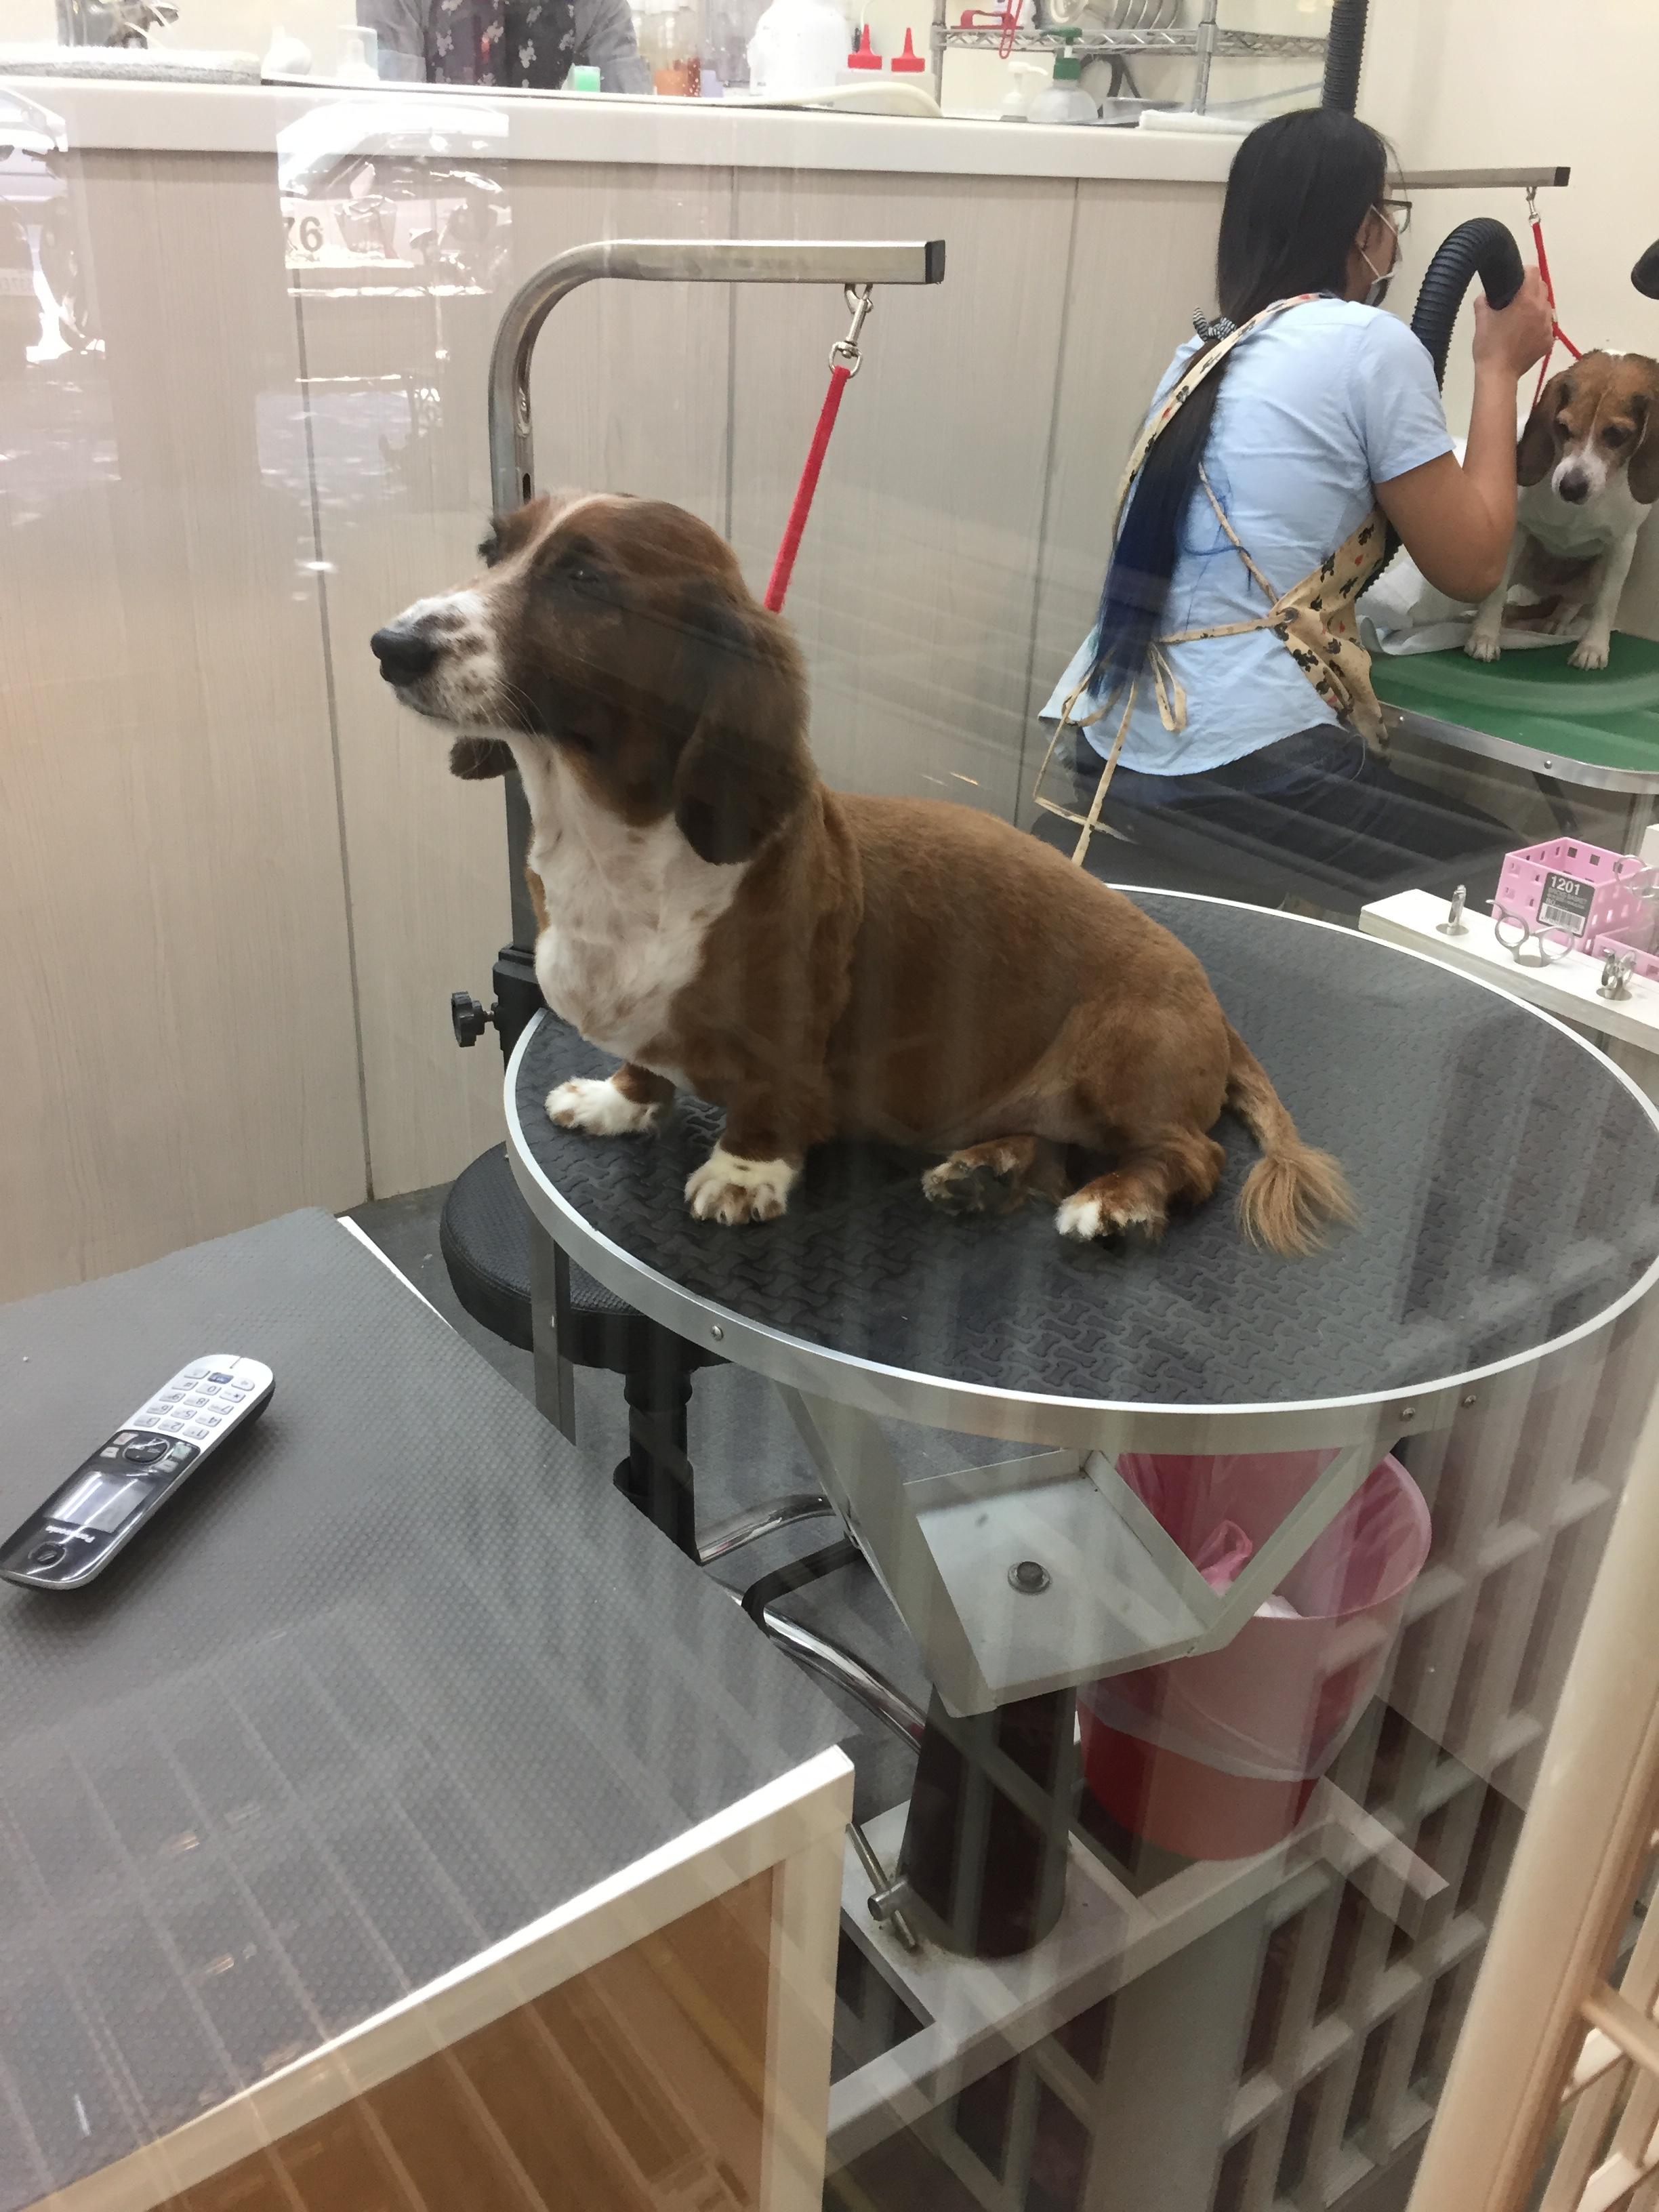 在平台上等待美容照護的狗兒。攝影/潘幸暉